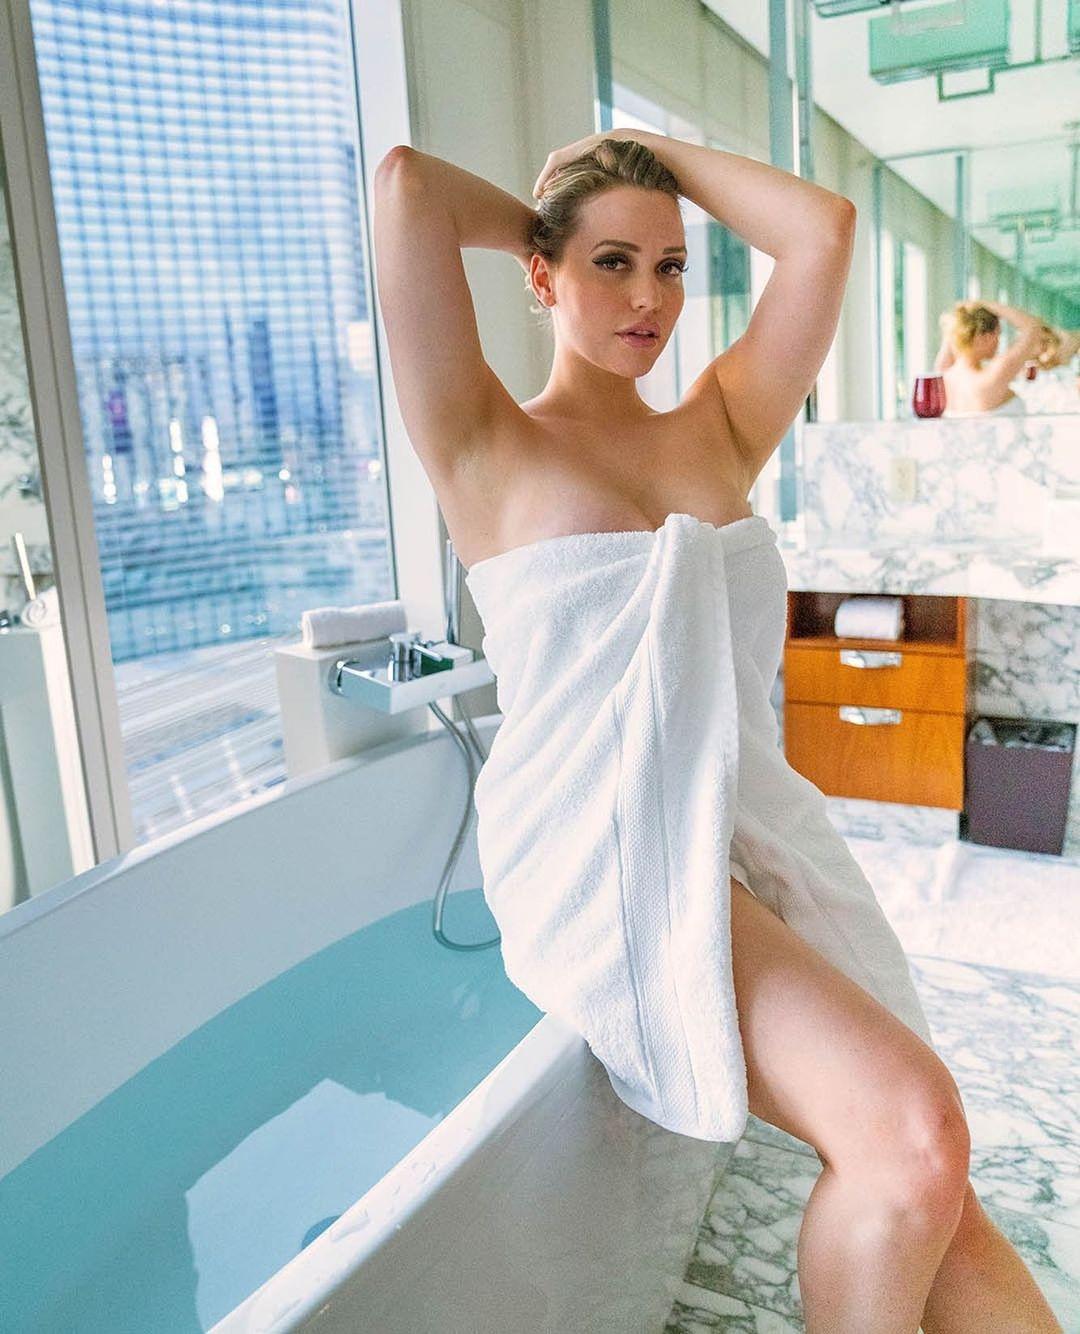 Mia Malkova sexy pictures